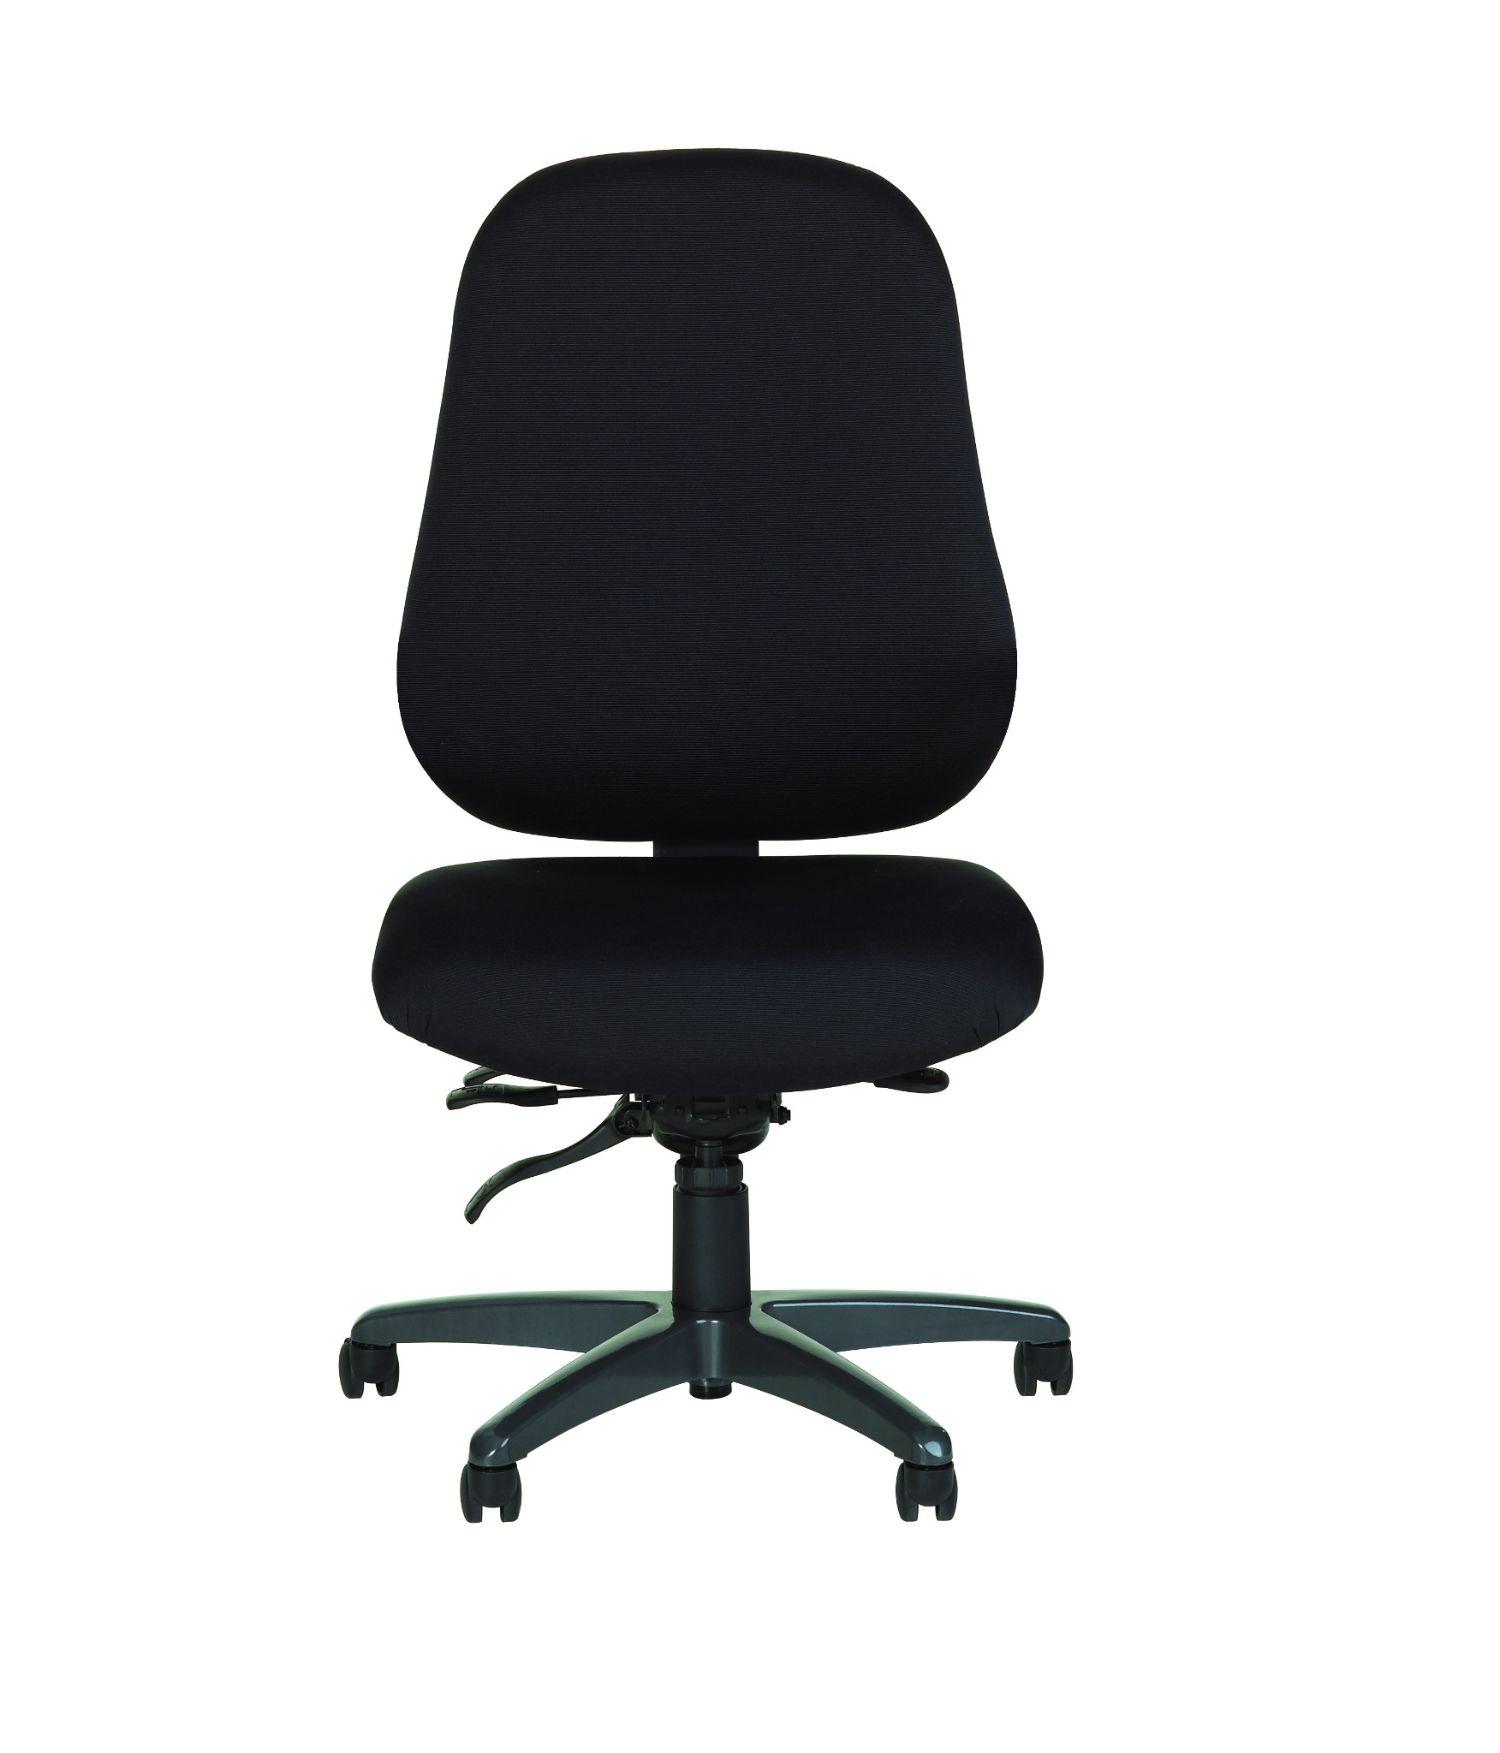 ki pilot heavy duty office chair